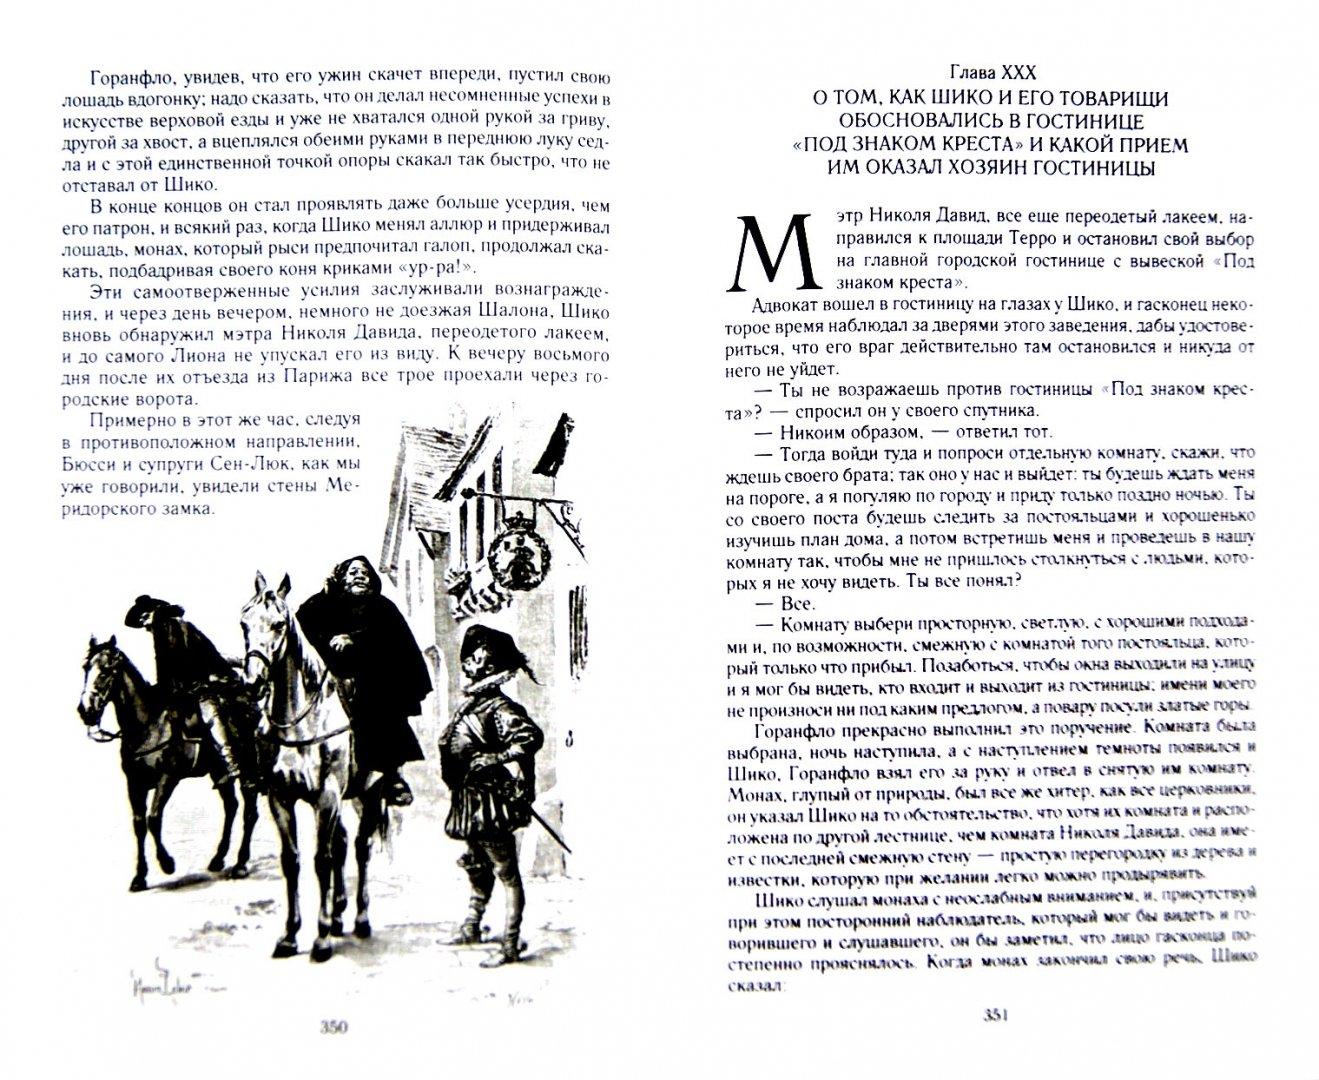 Иллюстрация 1 из 25 для Графиня де Монсоро - Александр Дюма   Лабиринт - книги. Источник: Лабиринт